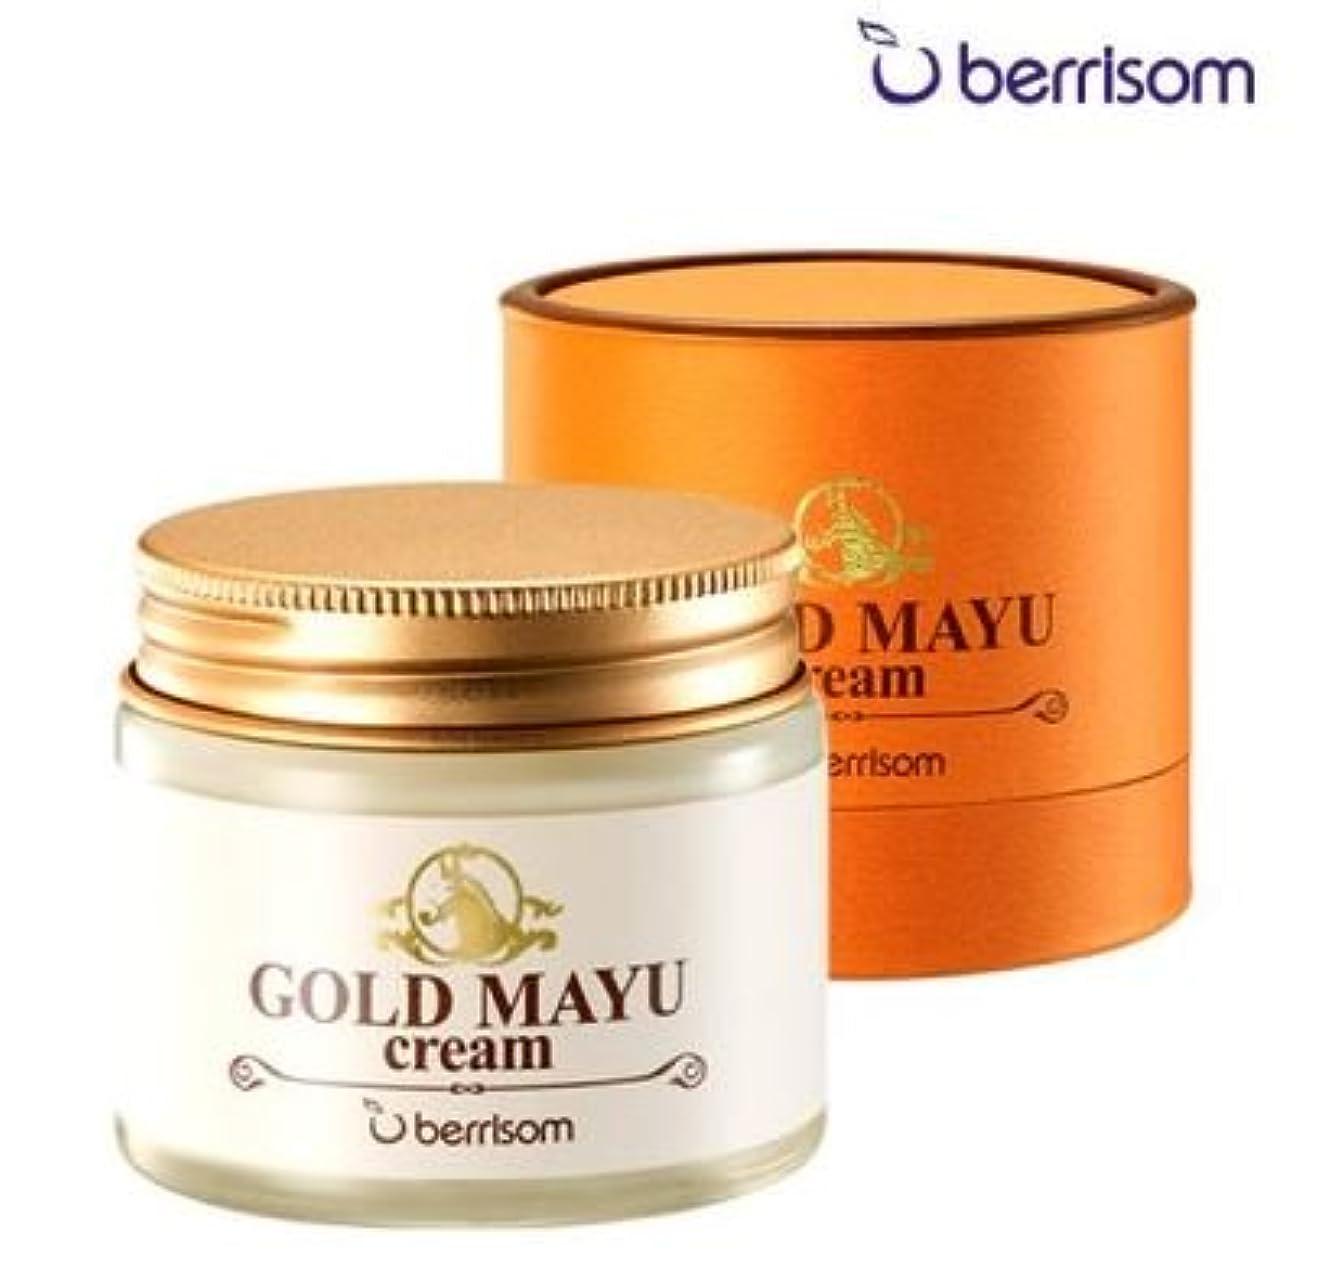 道徳航空会社分解するBerrisom(ベリサム) ゴールド 馬油クリーム/Gold Mayu Cream/Horse Oil Cream(70g) [並行輸入品]